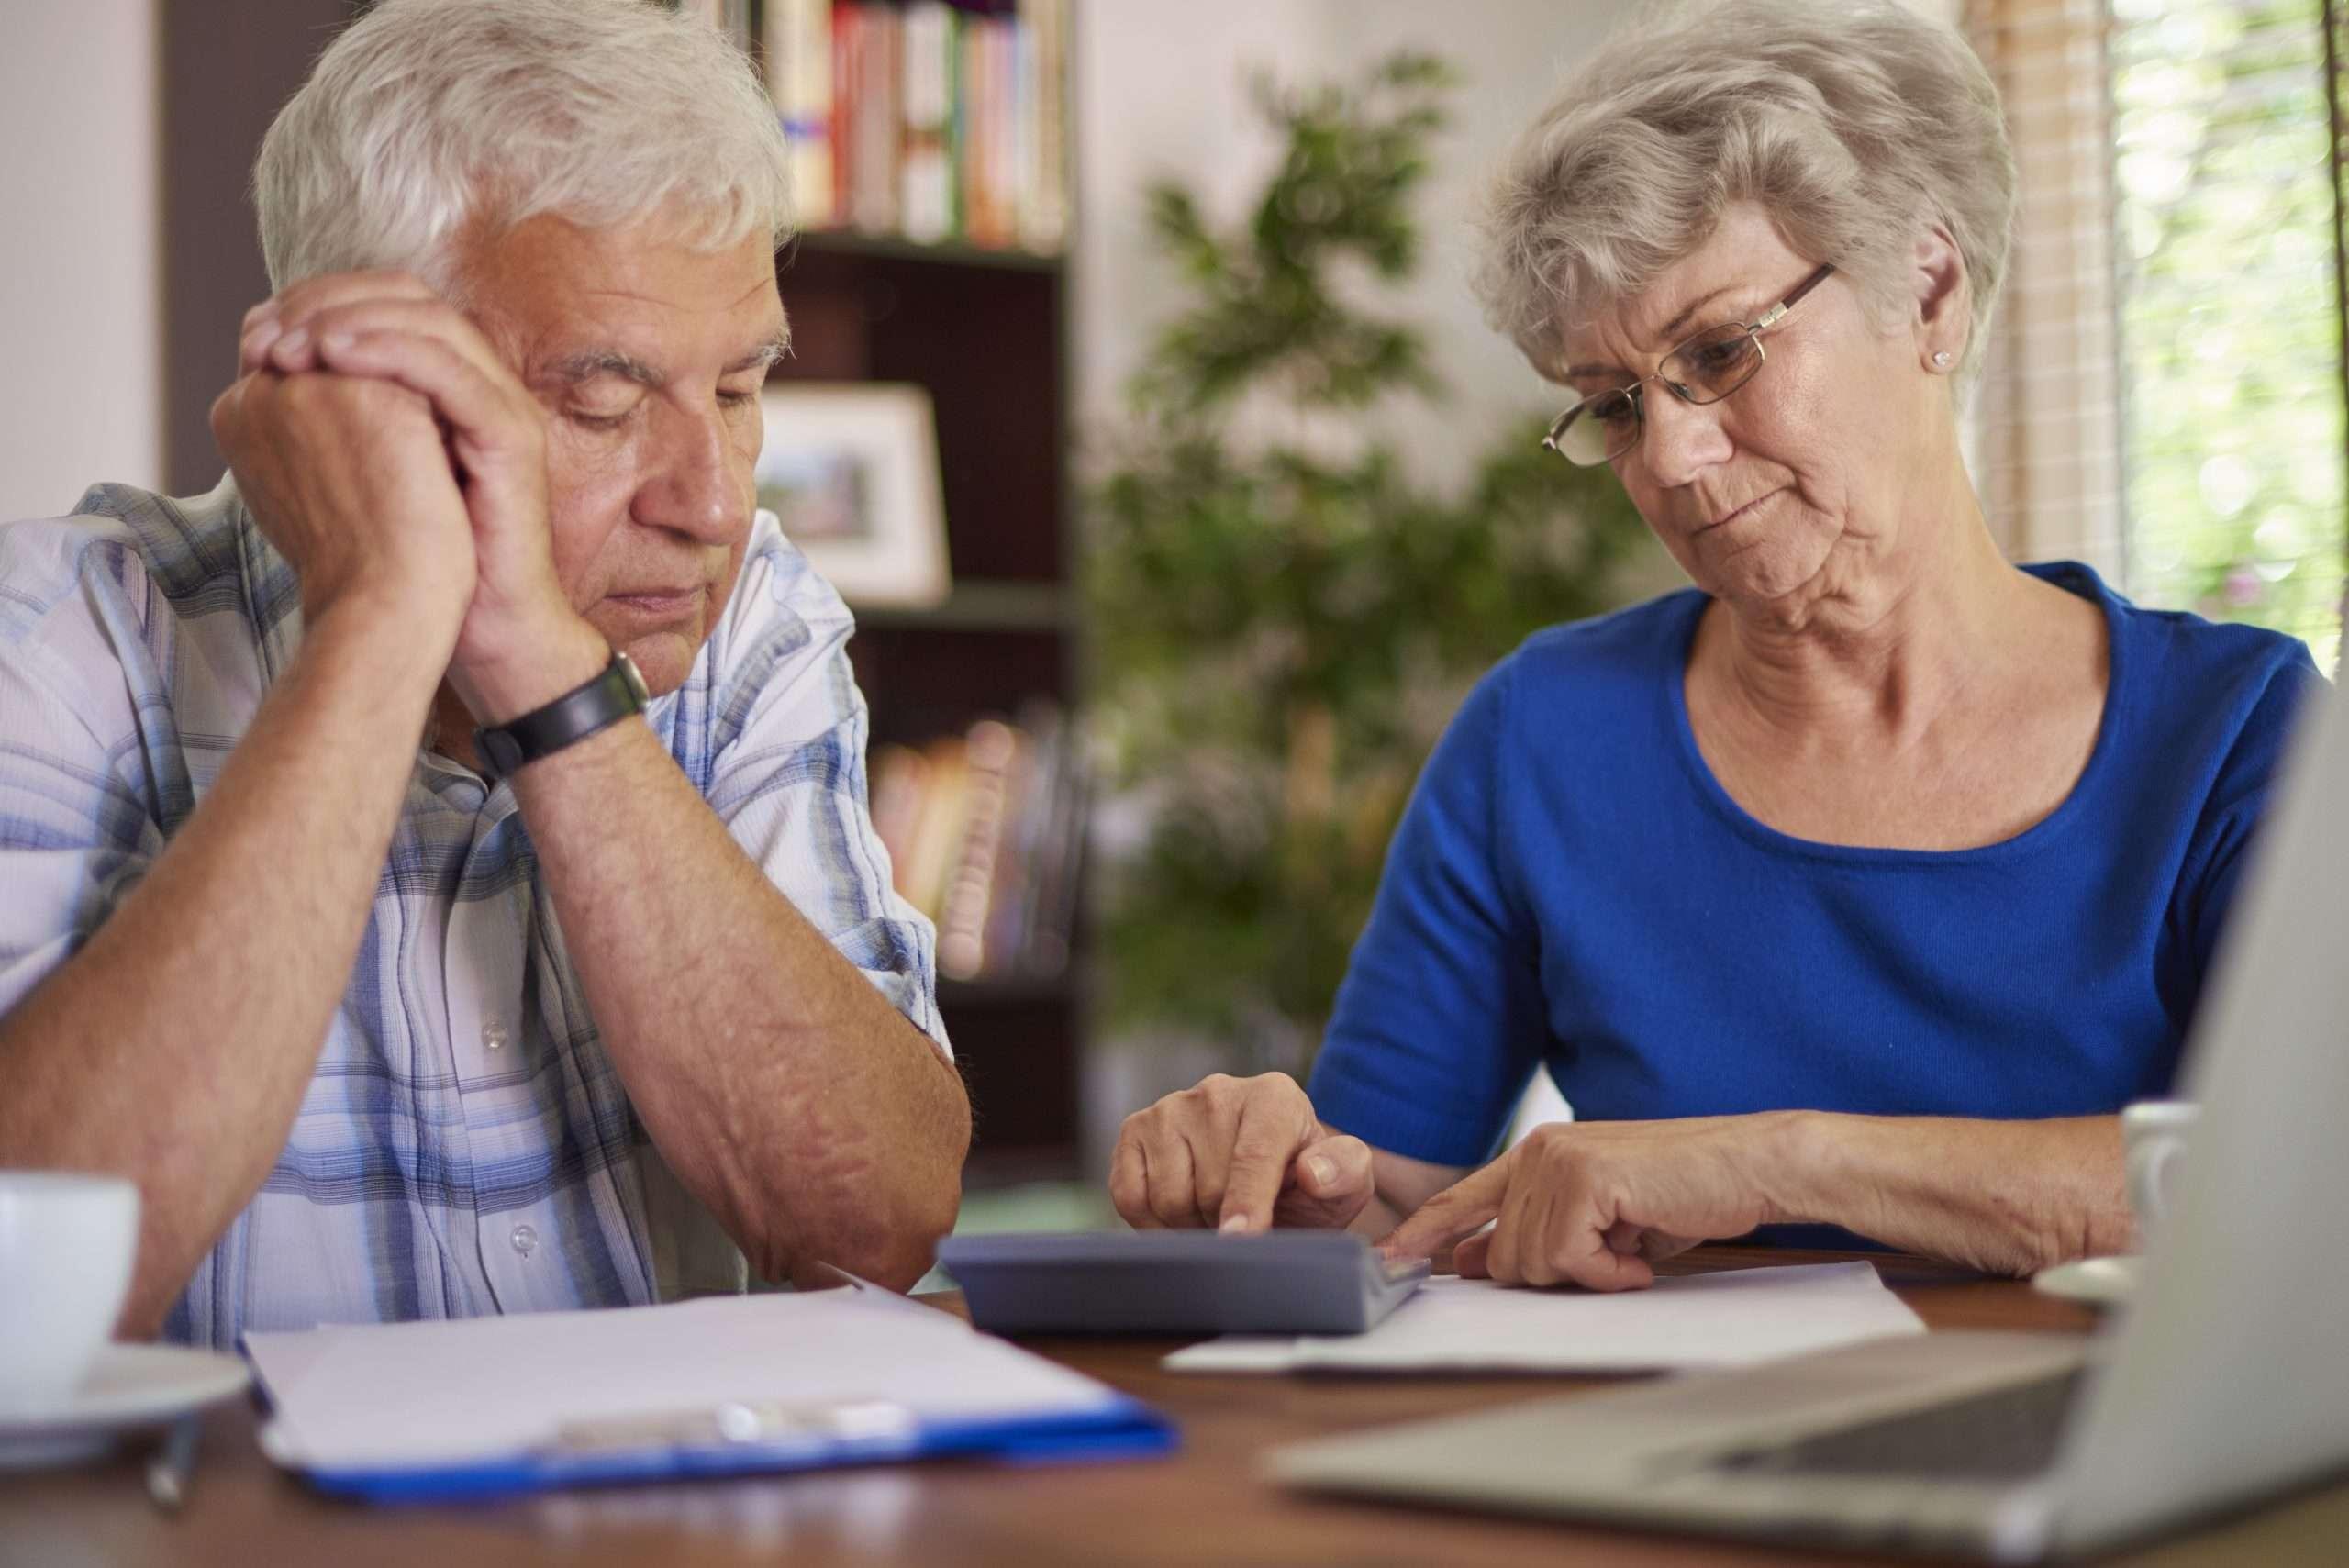 Pode bloquear aposentadoria para pagar dívida?